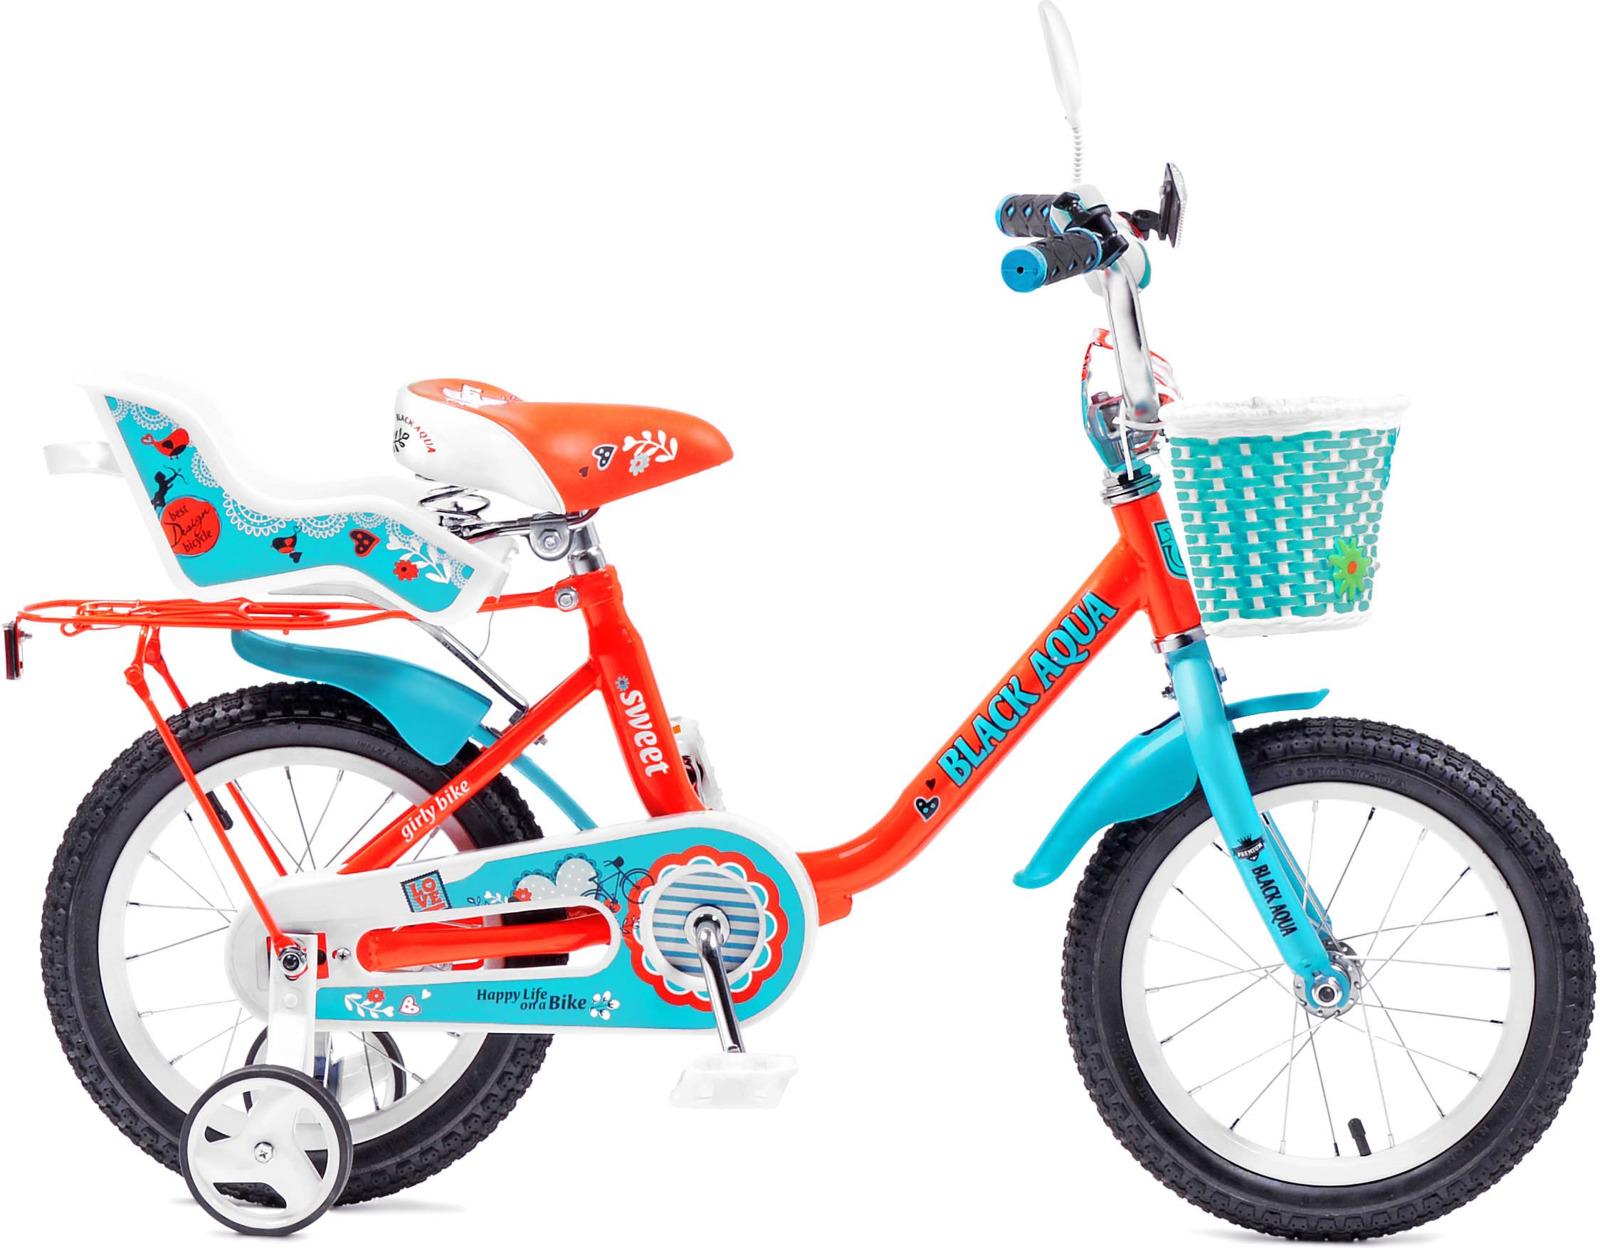 Велосипед детский Black Aqua Sweet, KG1203, со светящимися колесами, колесо 12, алый, бирюзовый